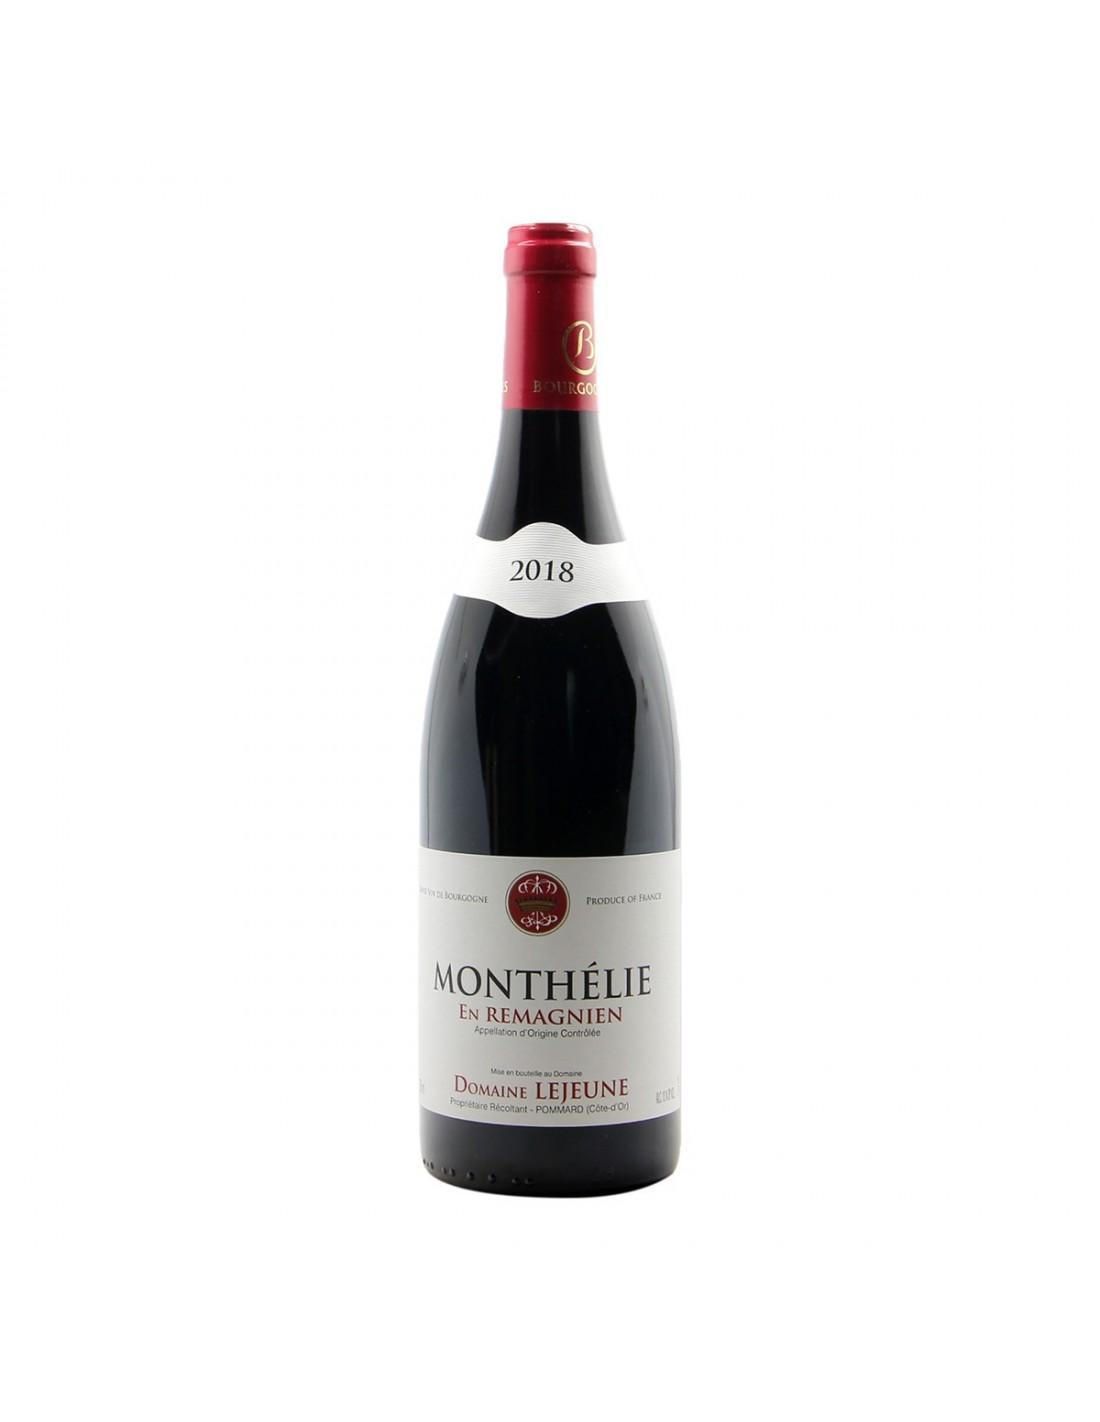 Domaine Lejeune Monthelie En Remagnien 2018 Grandi Bottiglie